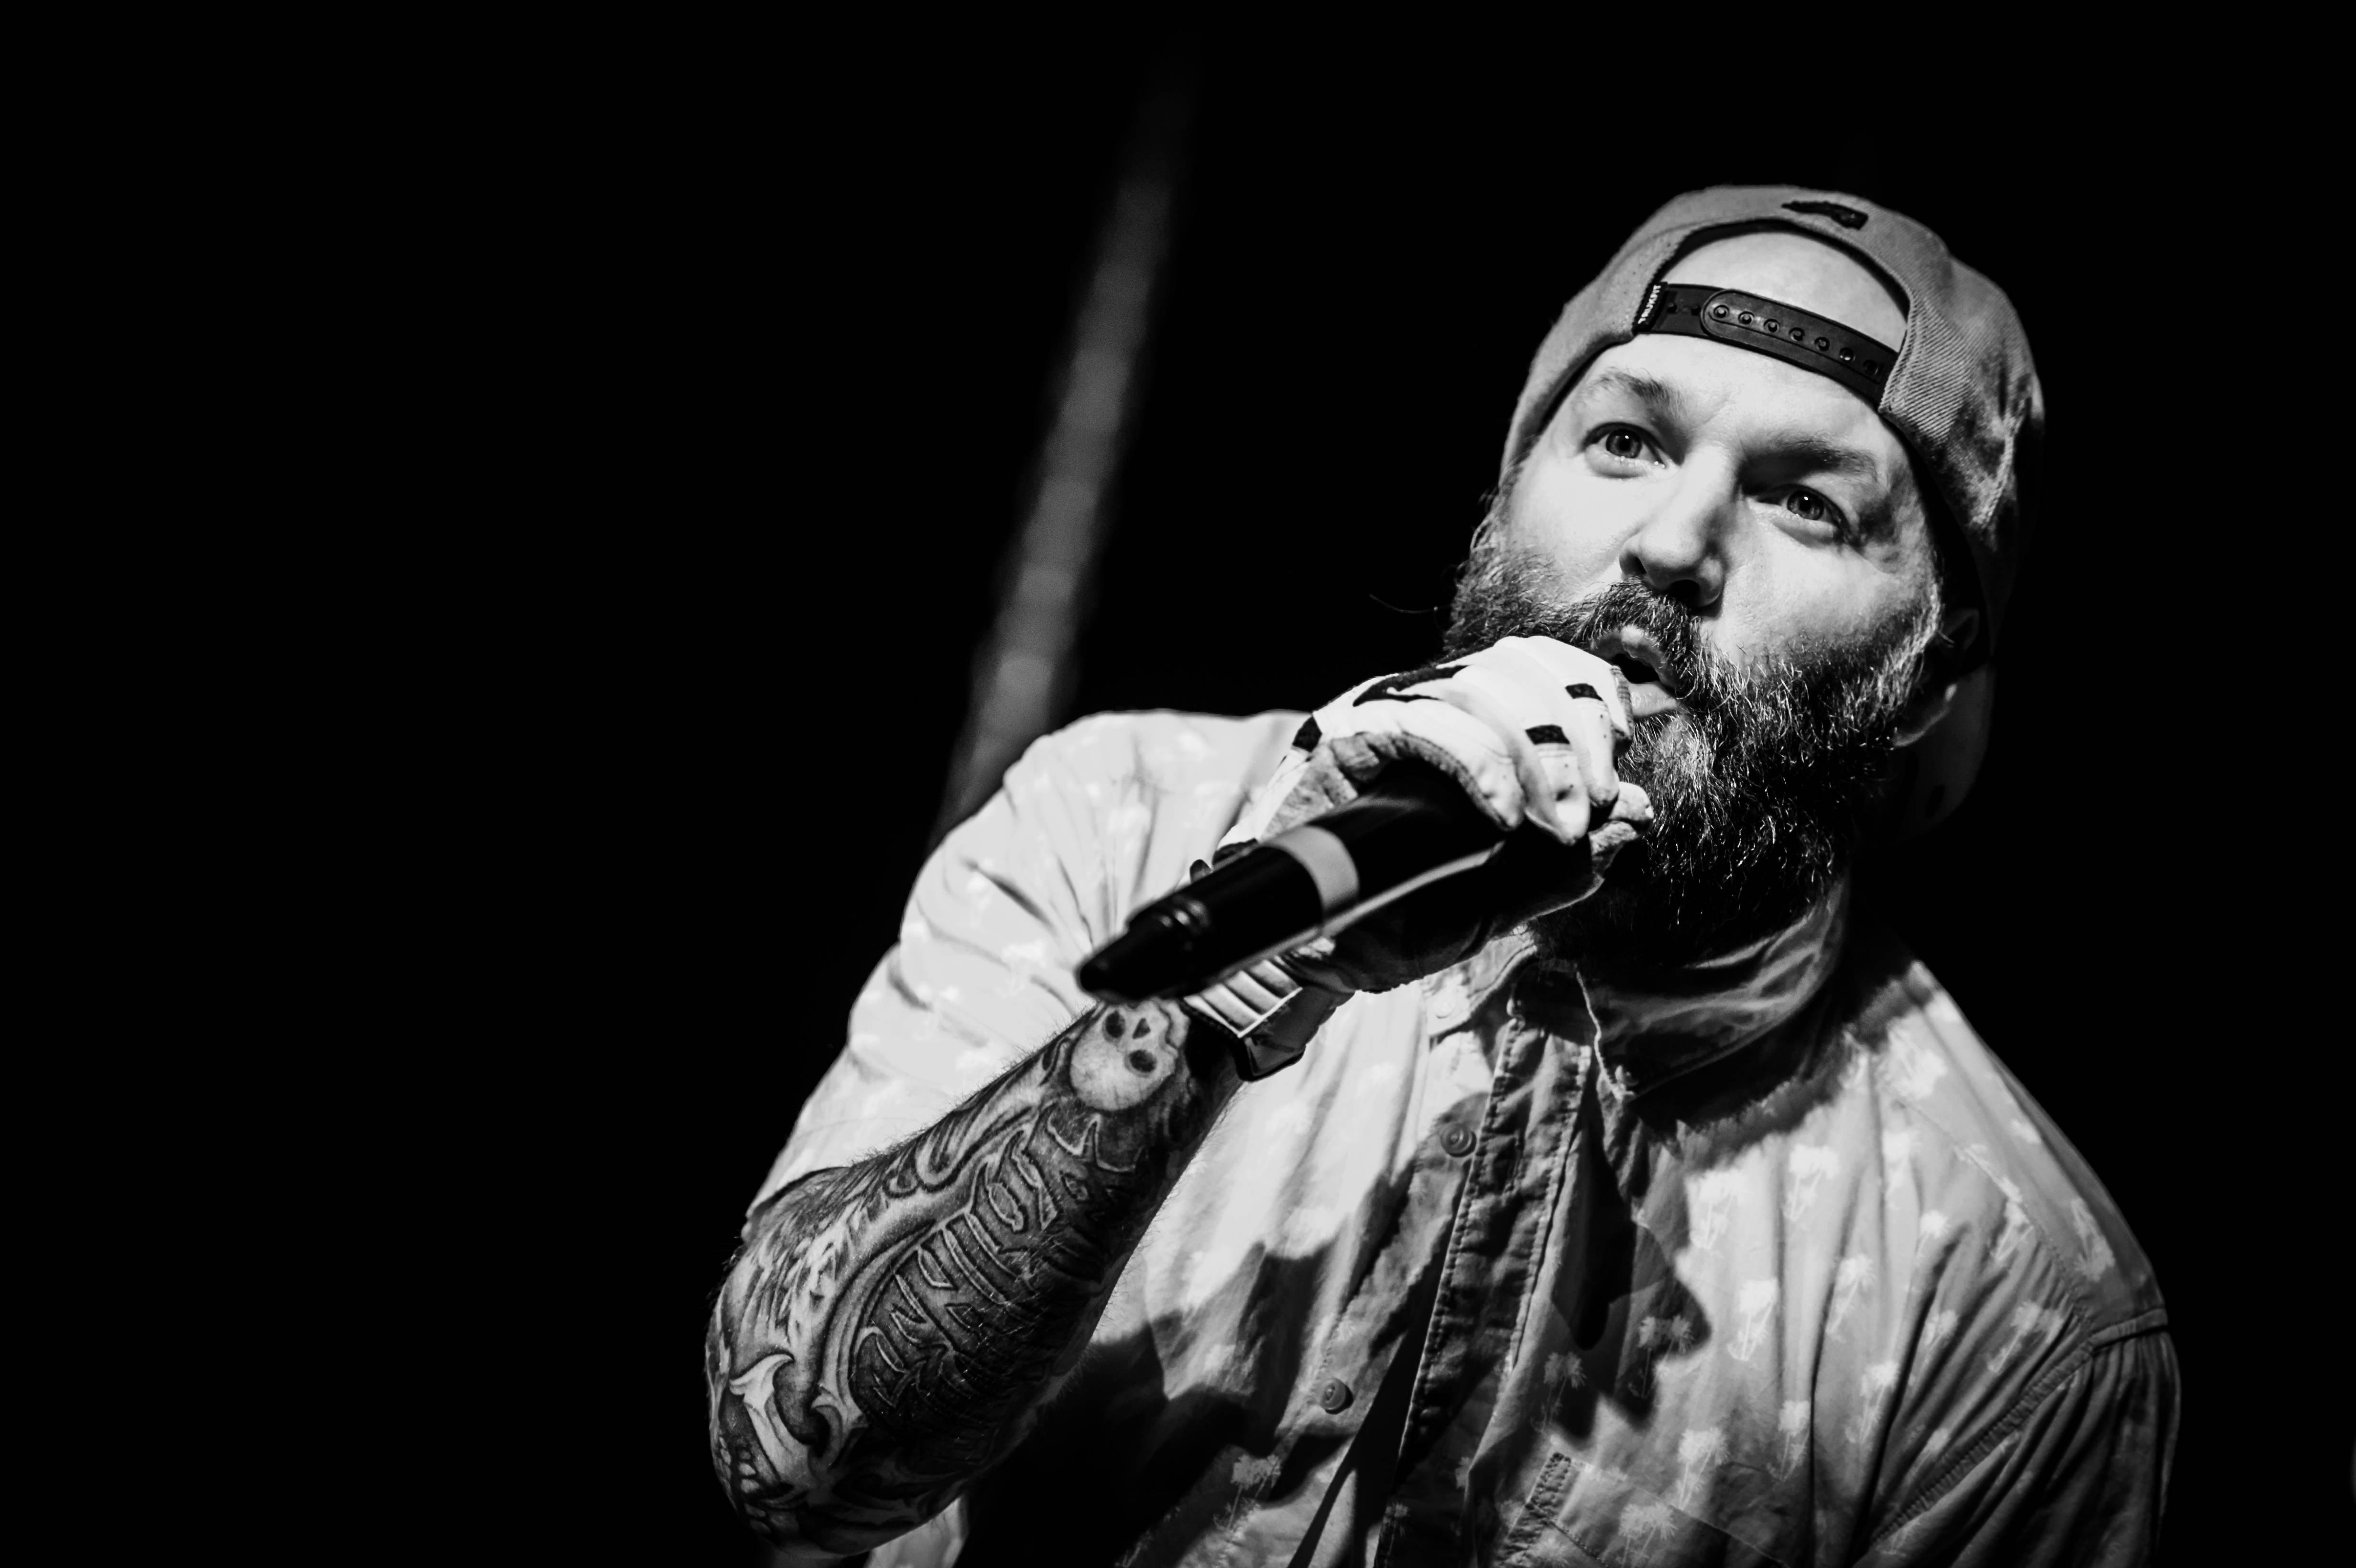 Foto-concerto-limp-bizkit-live-Alcatraz-Milano-21-giugno-2013_Prandoni